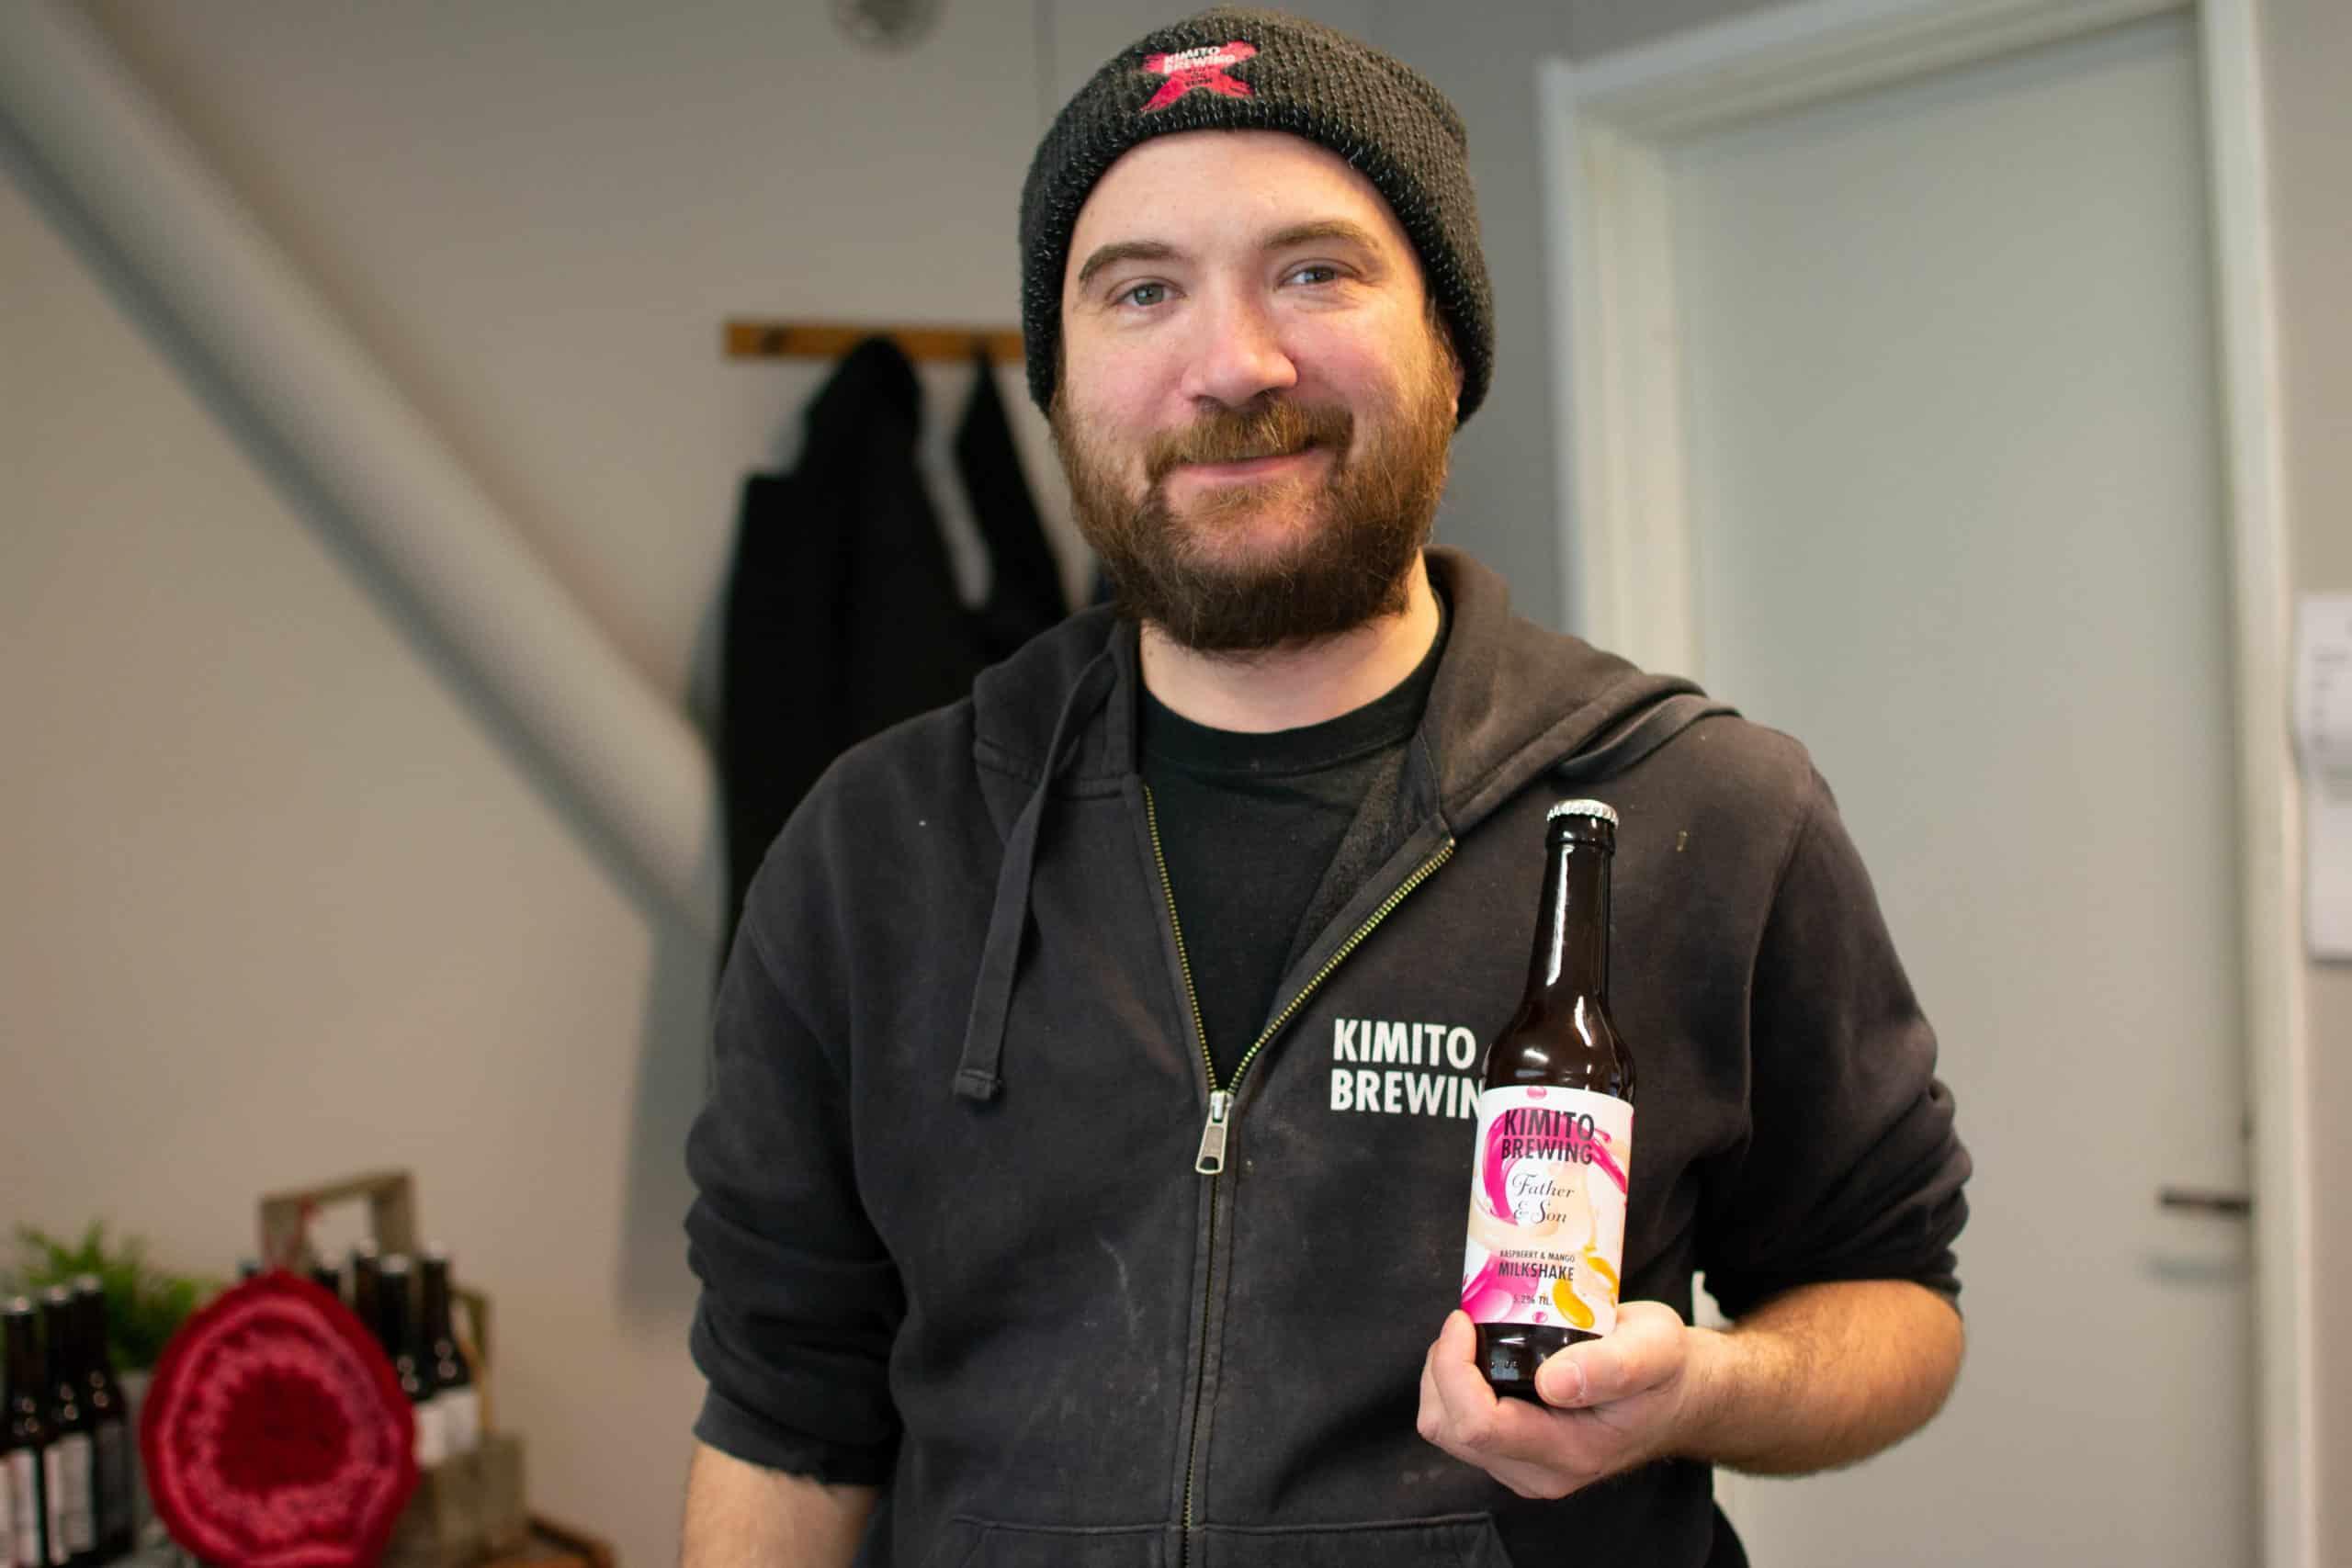 Jonas Sahlberg esittelee poikansa kanssa yhteistyössä syntynyttä olutta.